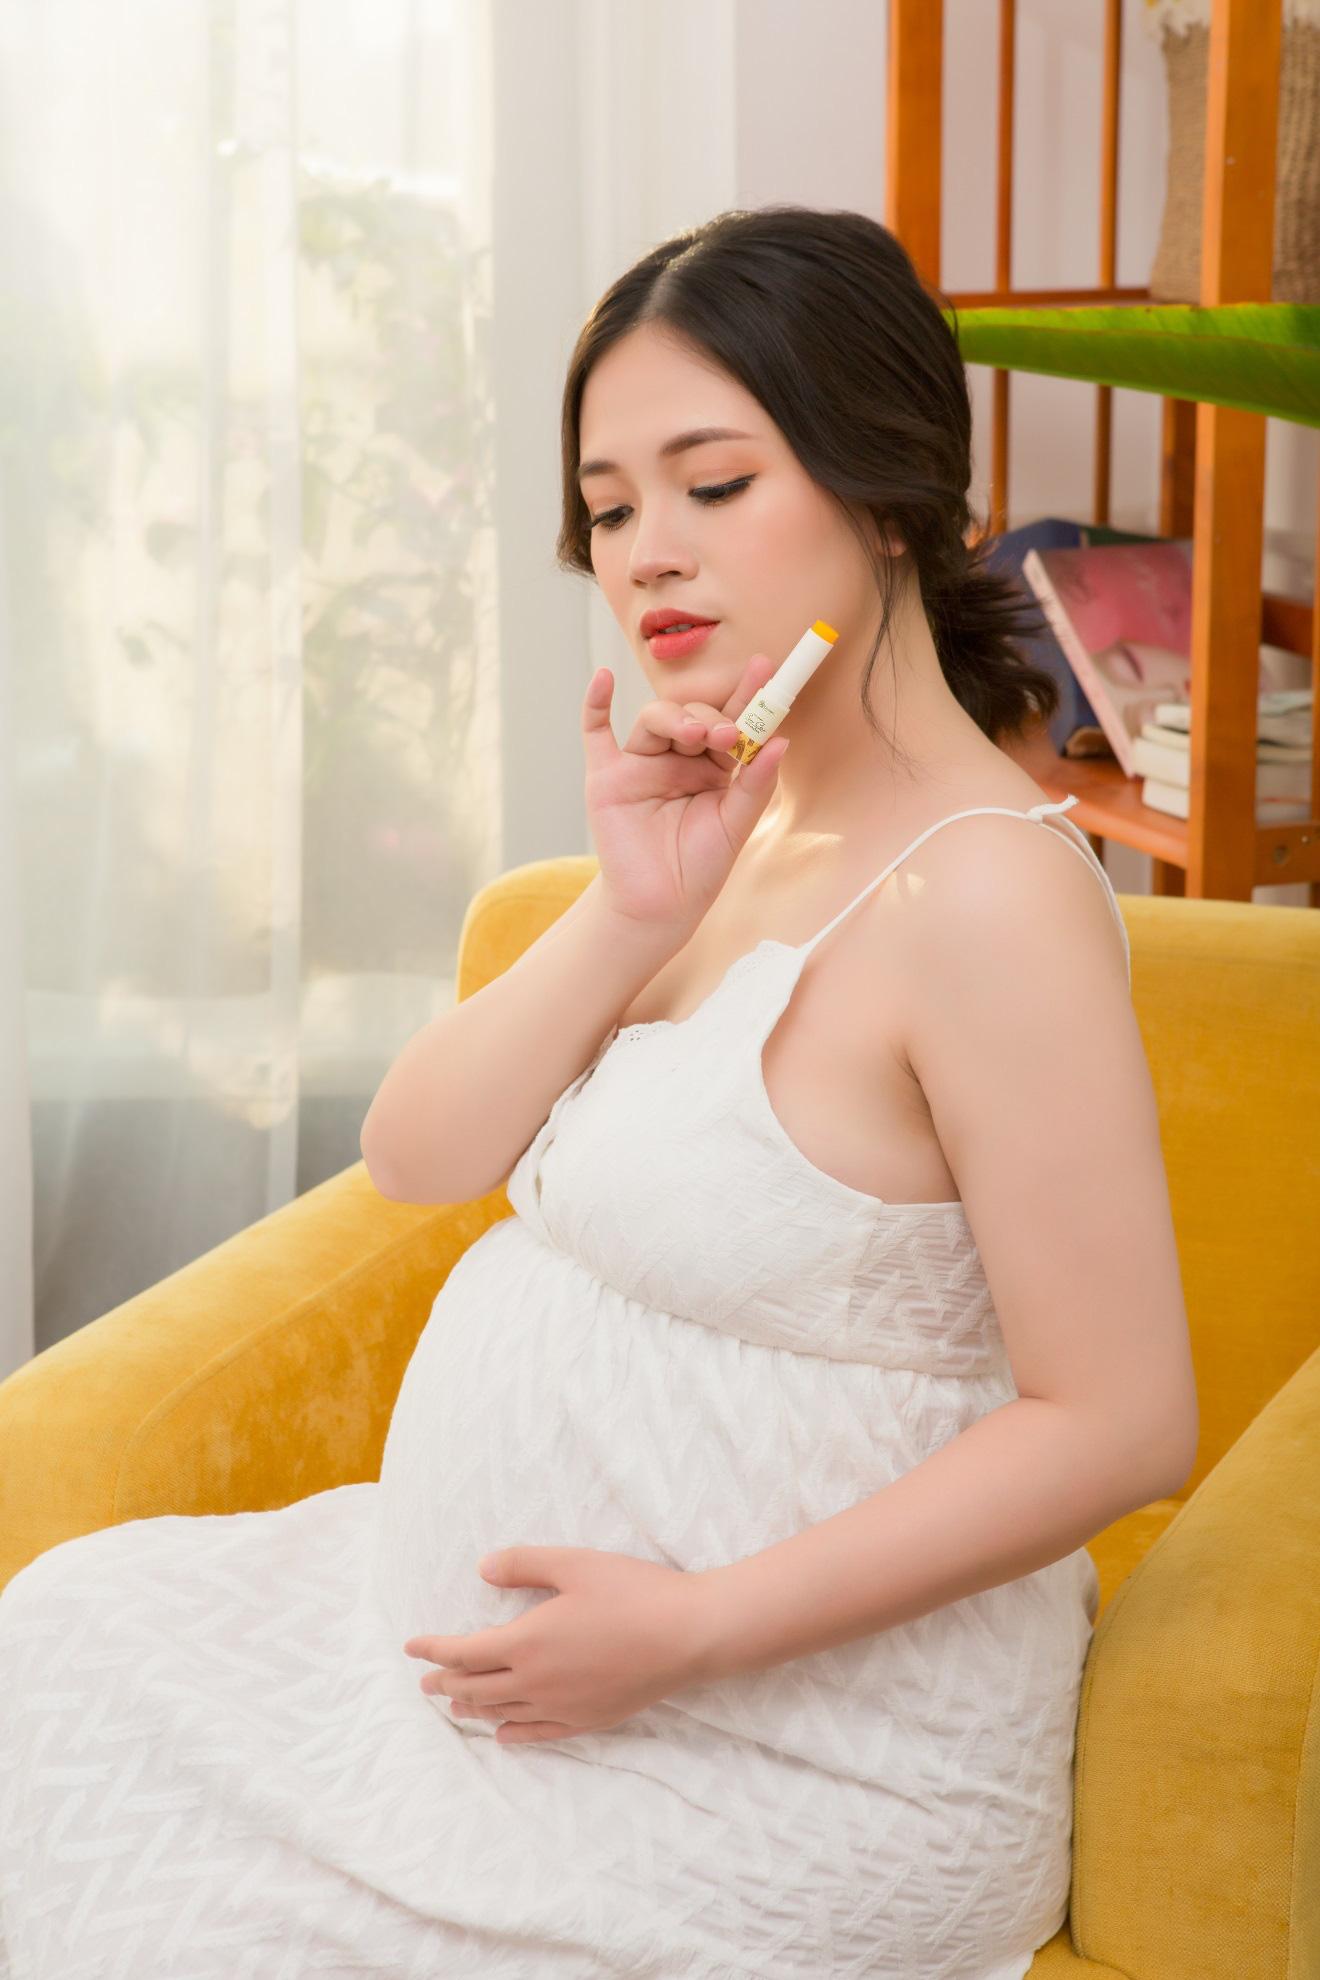 """Tạm biệt nứt, thâm môi khi mang thai với son dưỡng Gạo """"lành như cơm"""" - Ảnh 4."""